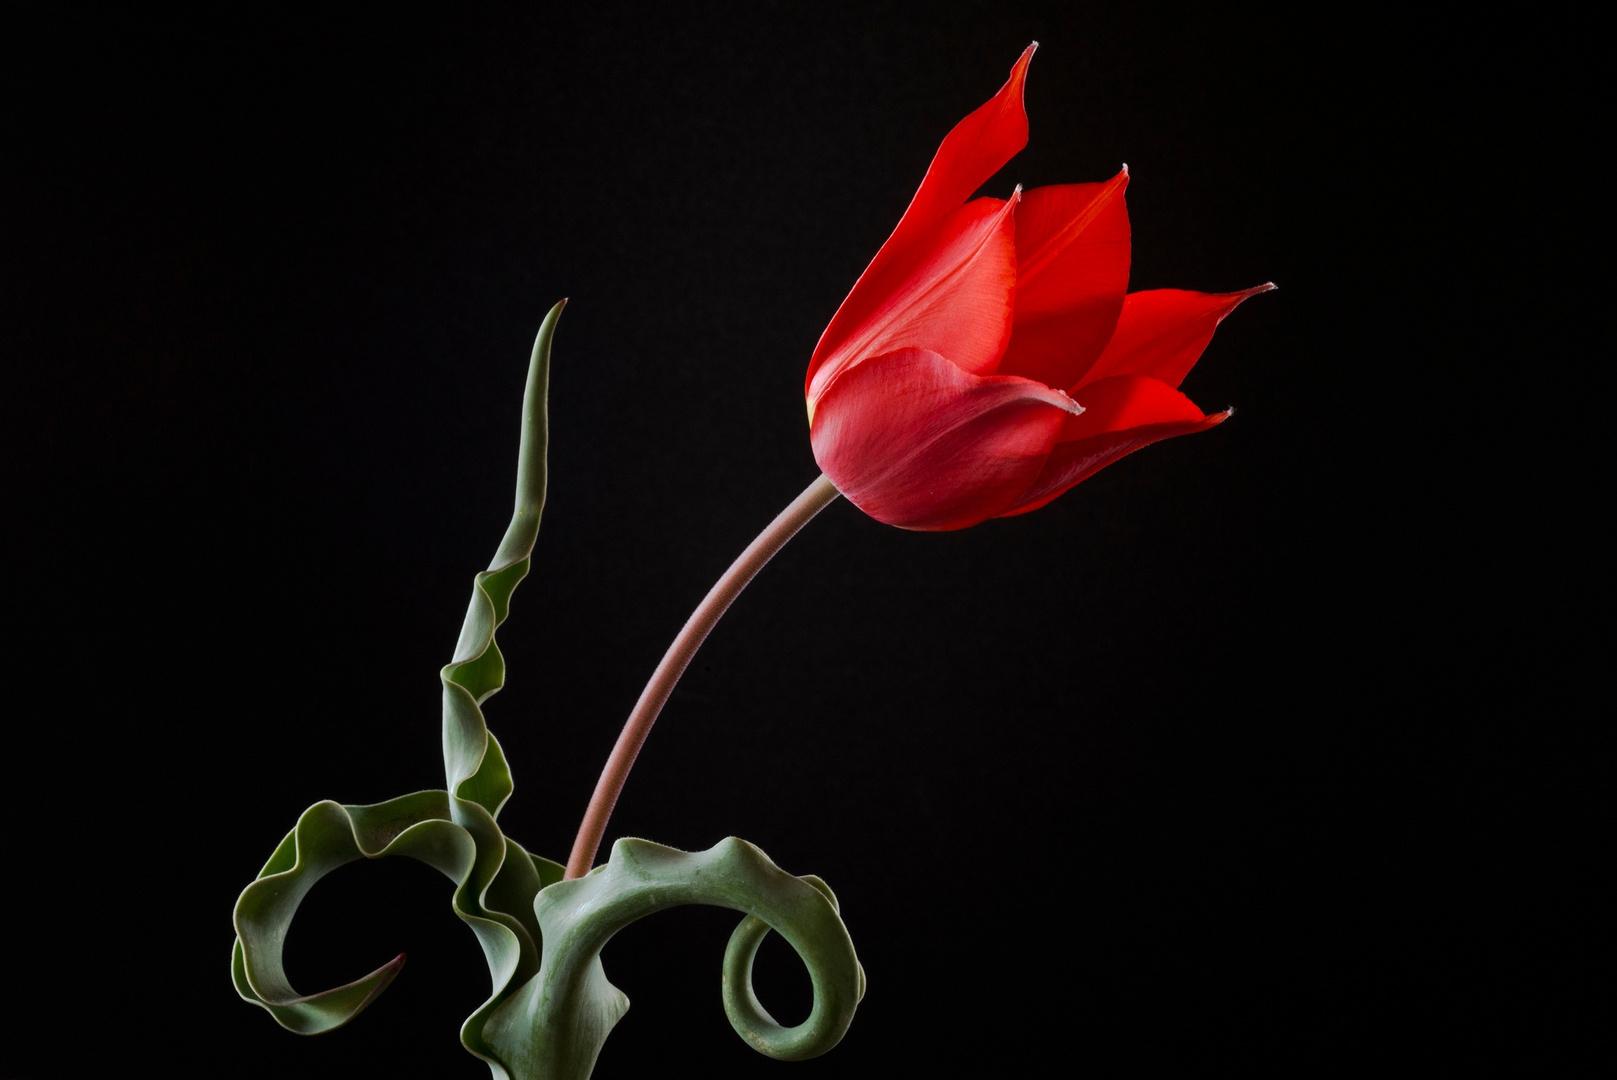 The Wild Tulip 1